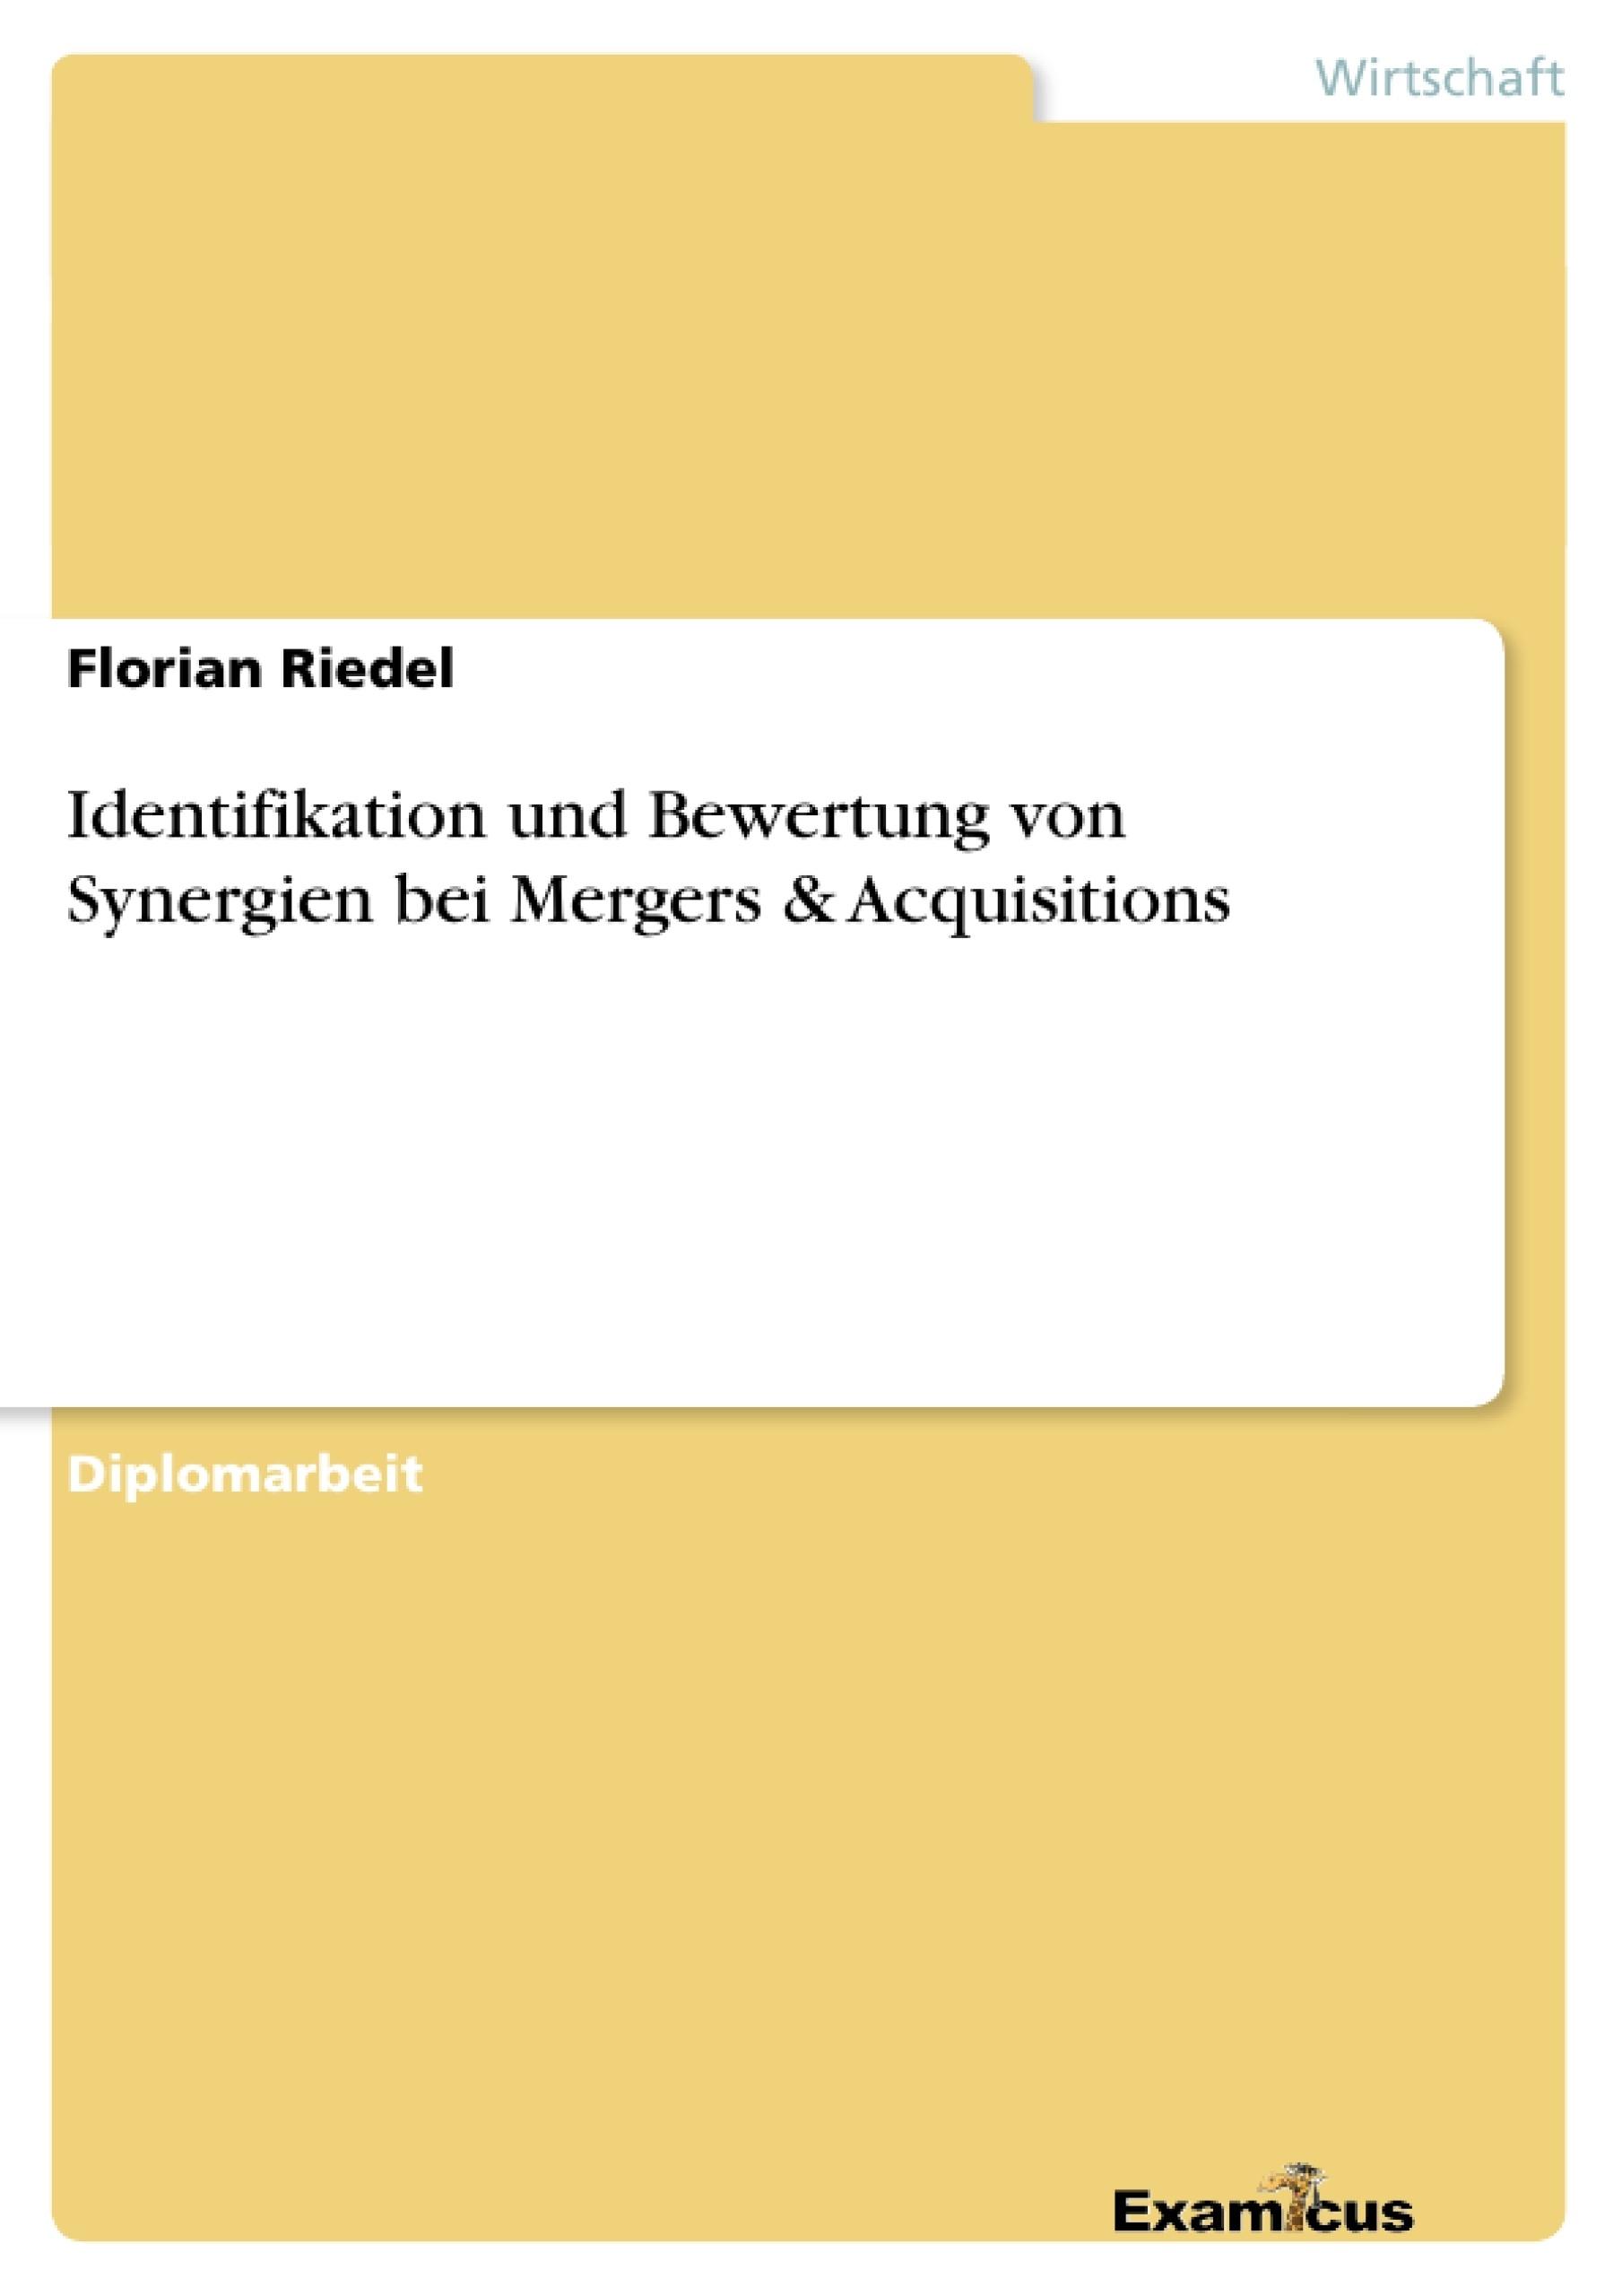 Titel: Identifikation und Bewertung von Synergien bei Mergers & Acquisitions